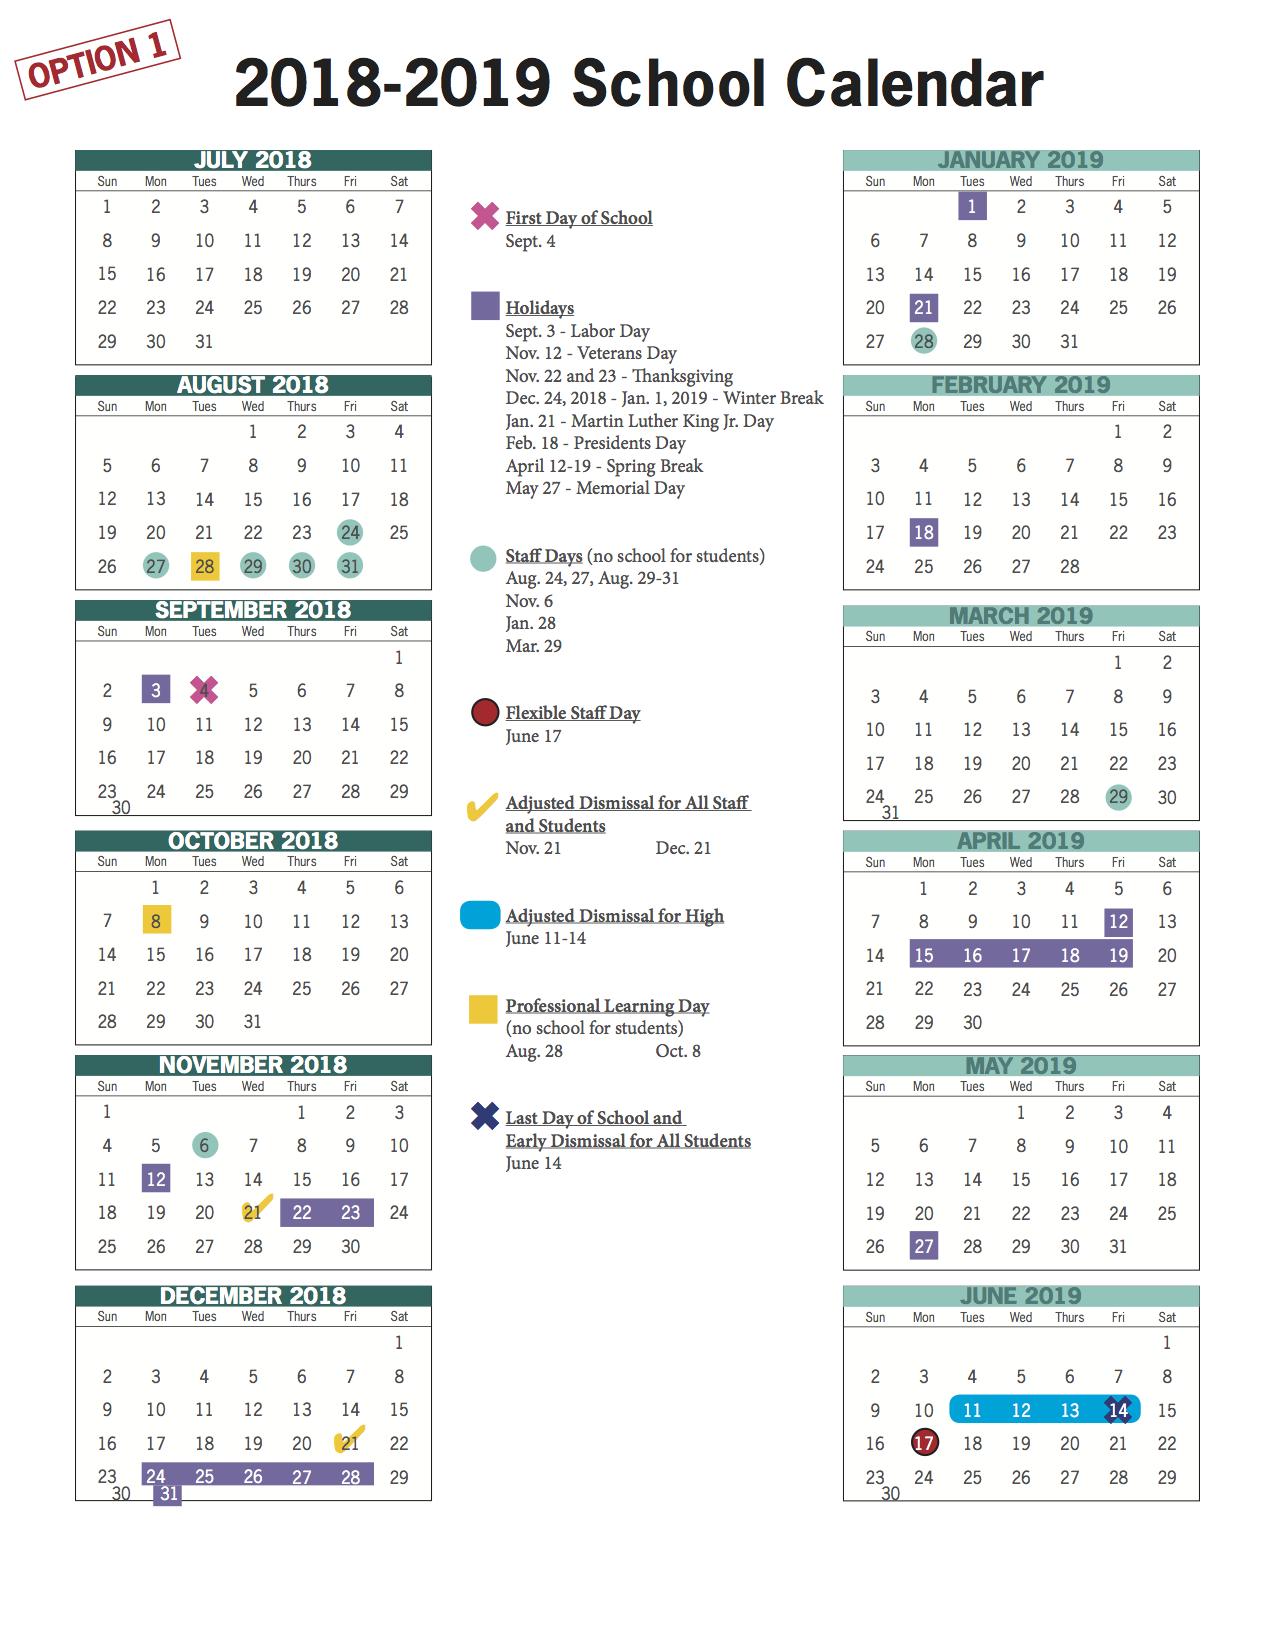 Vbcps E Town Hall - 2018 2019 And 2019 2020 School Calendar Throughout Virginia Beach City Public.schools Calendar